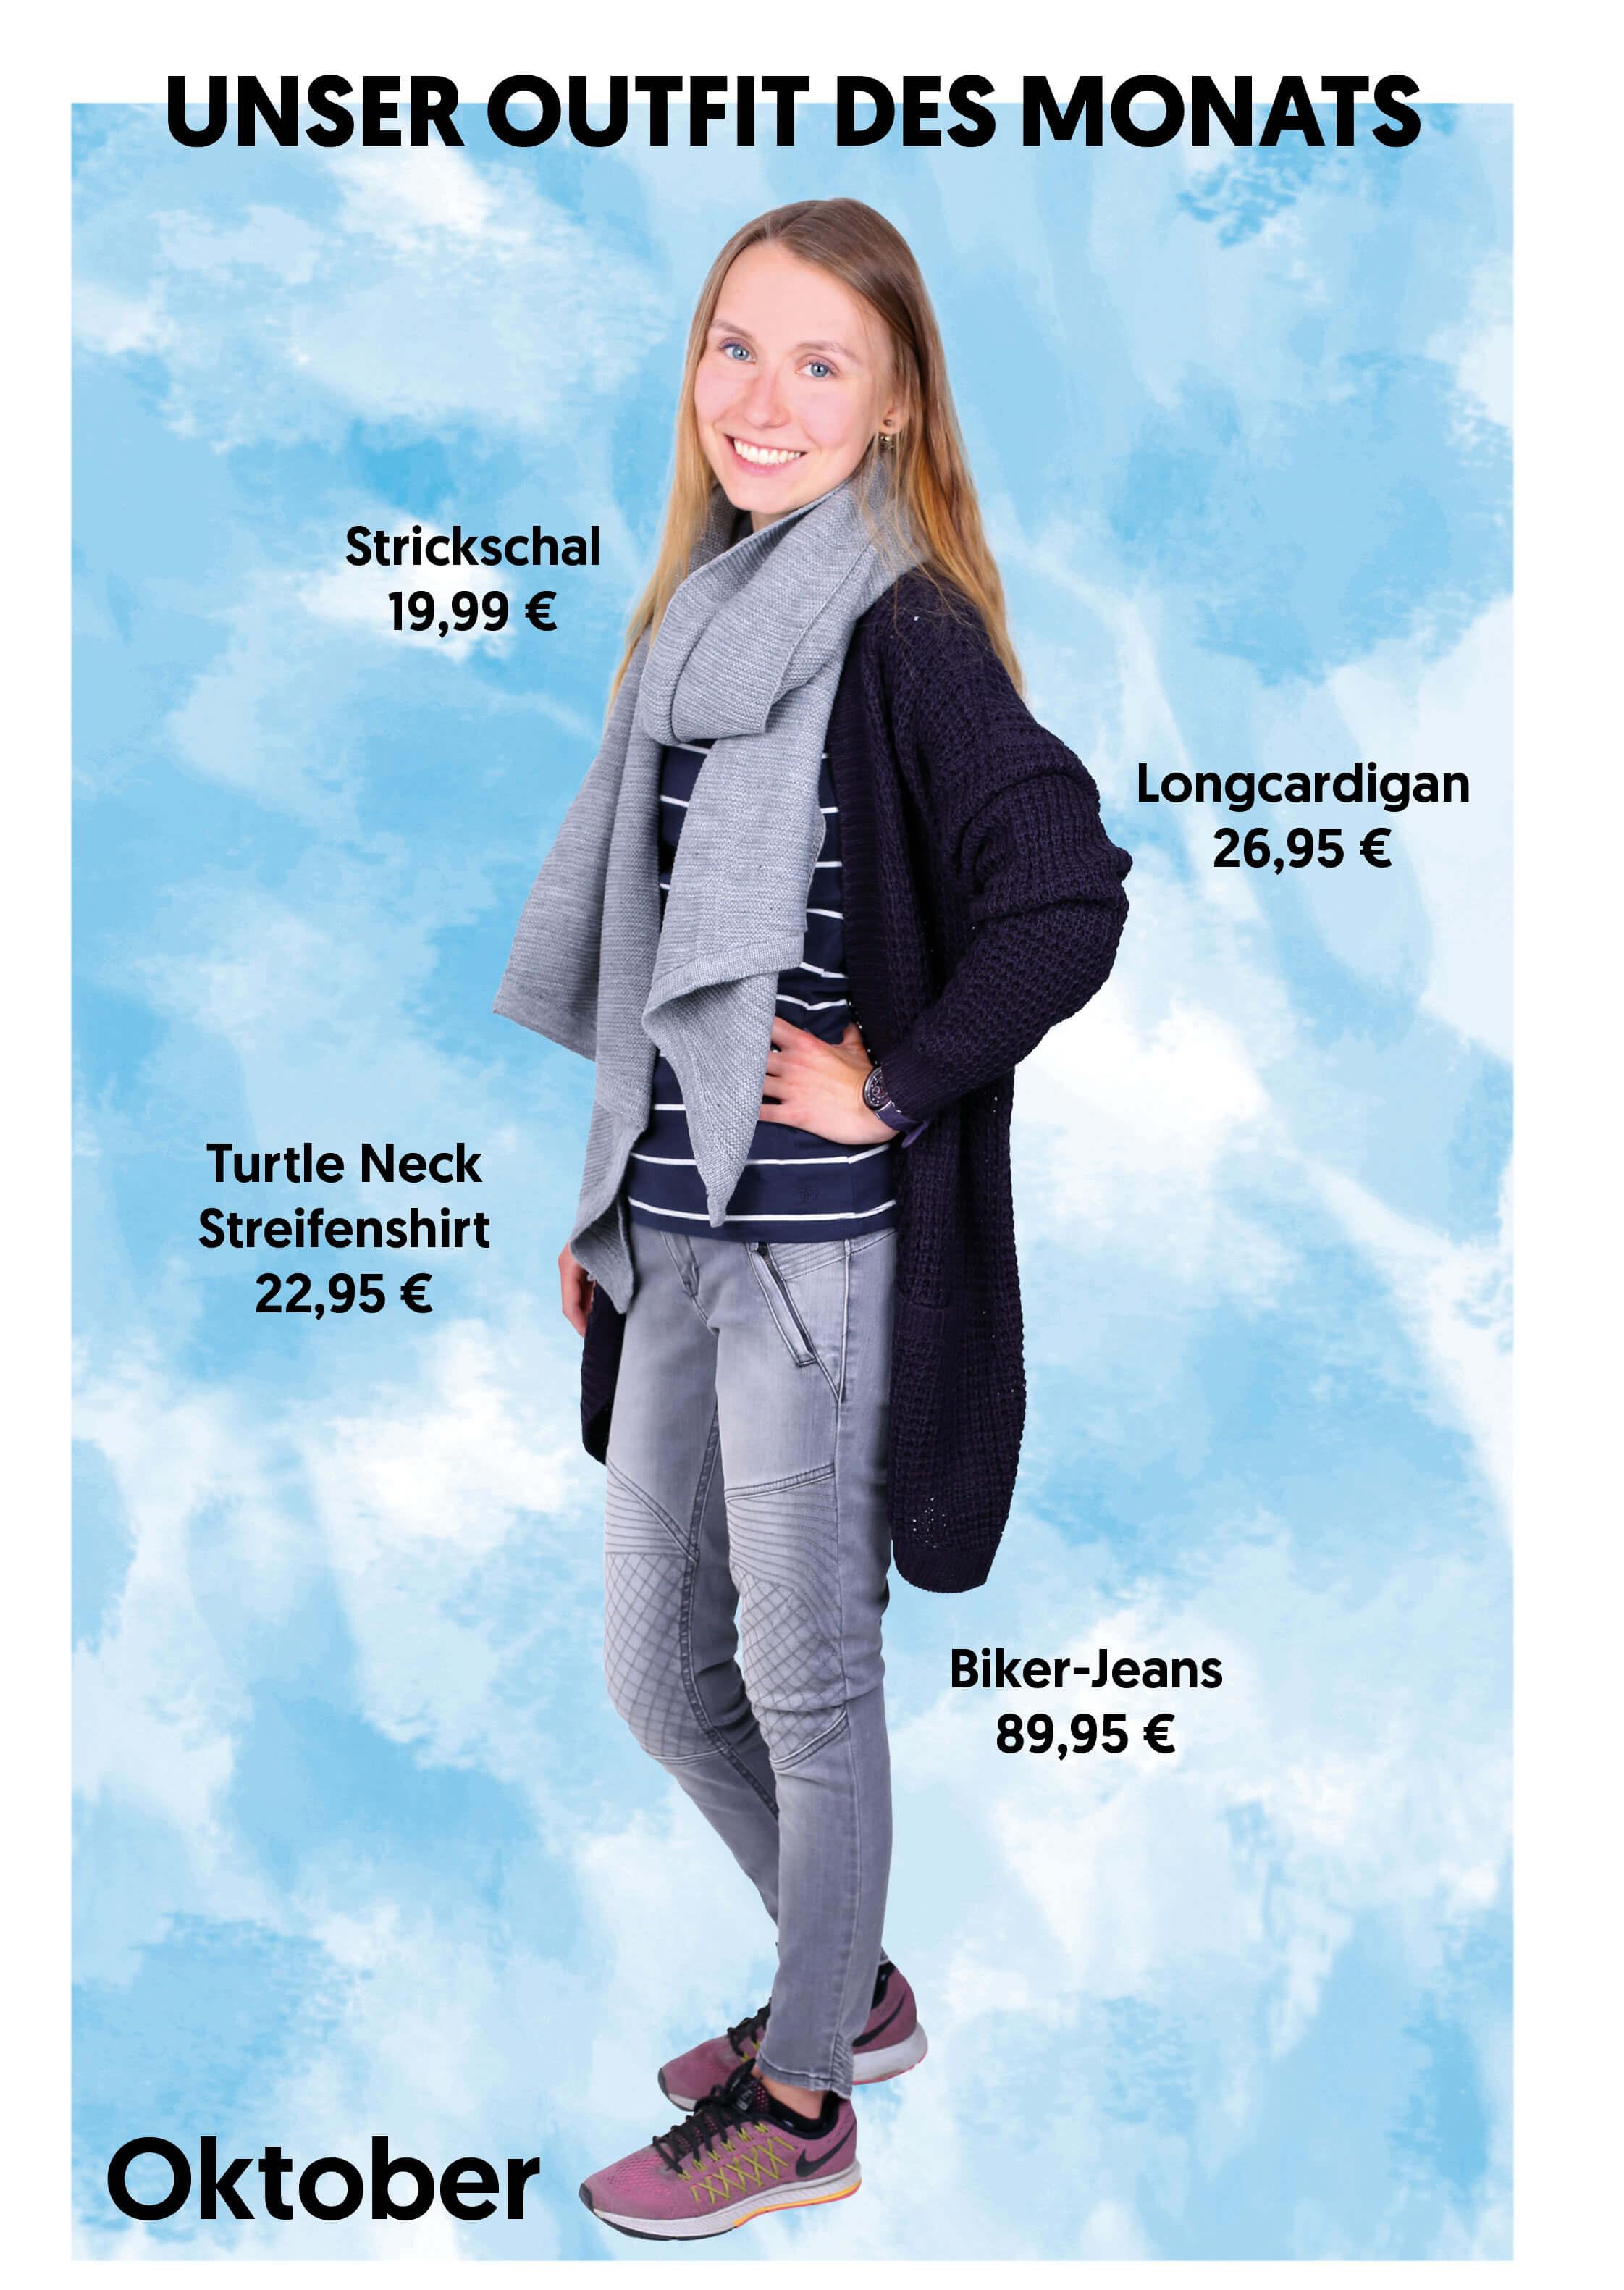 outfit_des_monats_oktober